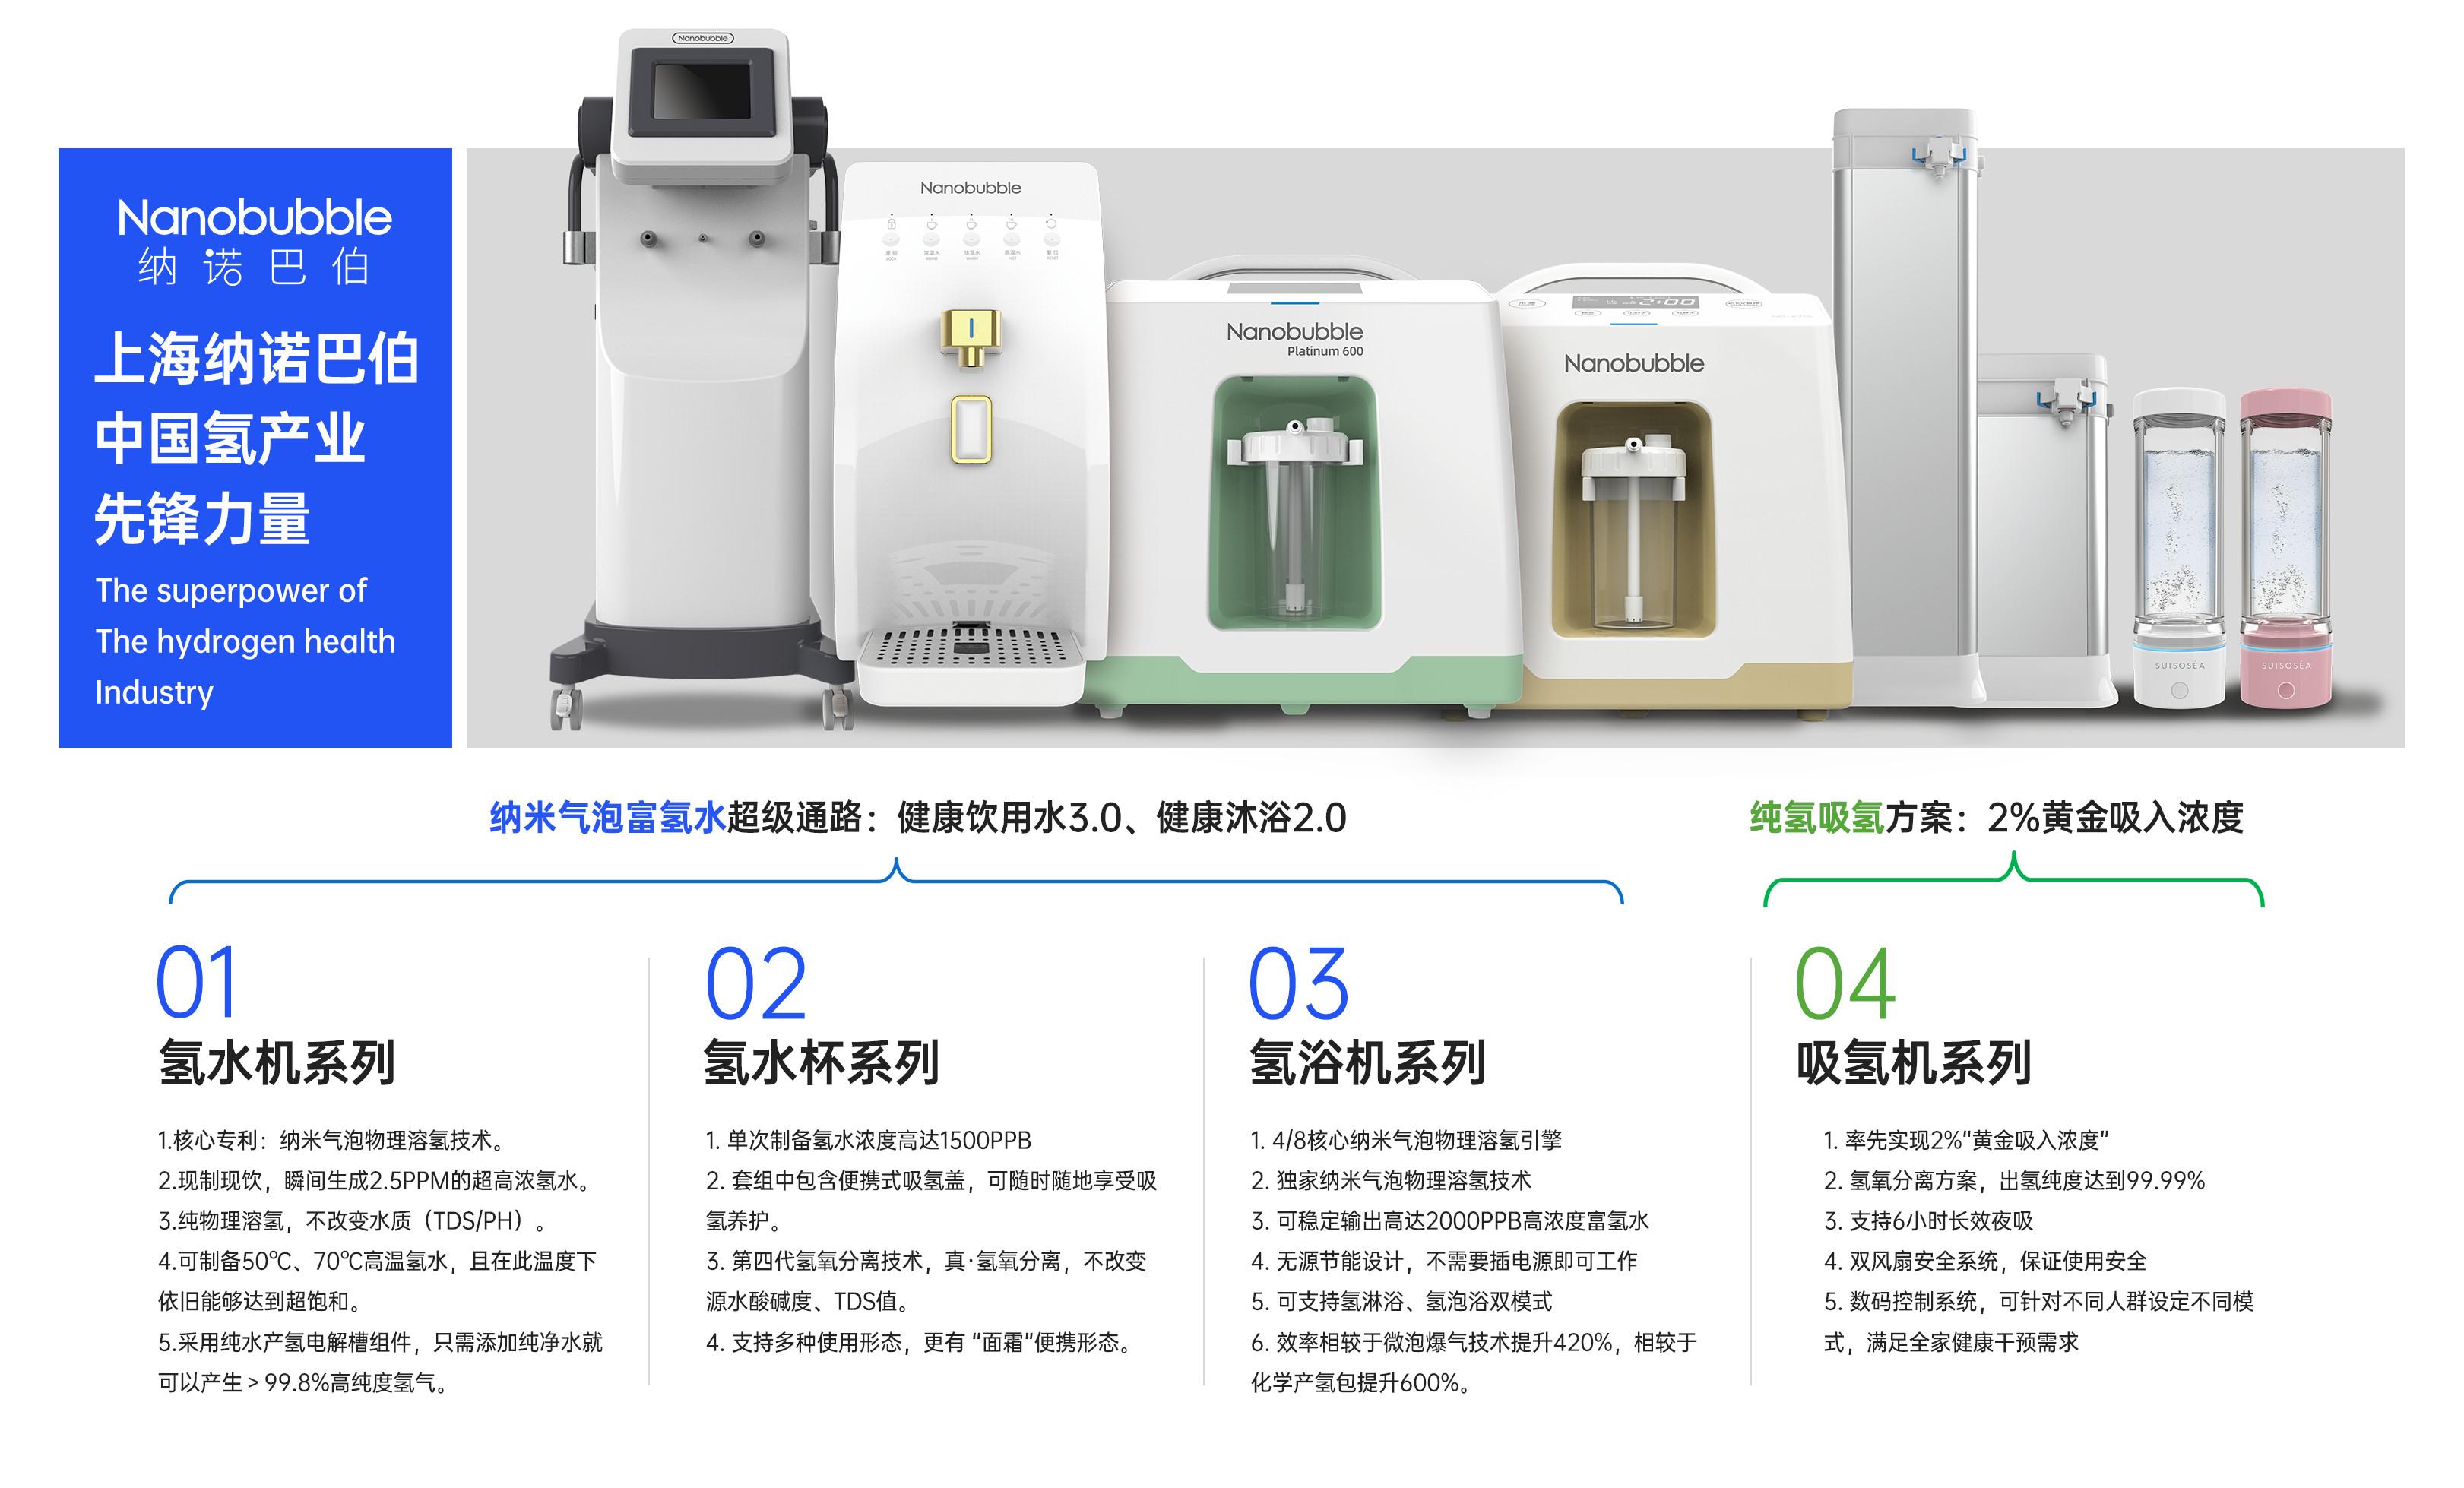 纳诺巴伯氢健康产品系列_副本.jpg